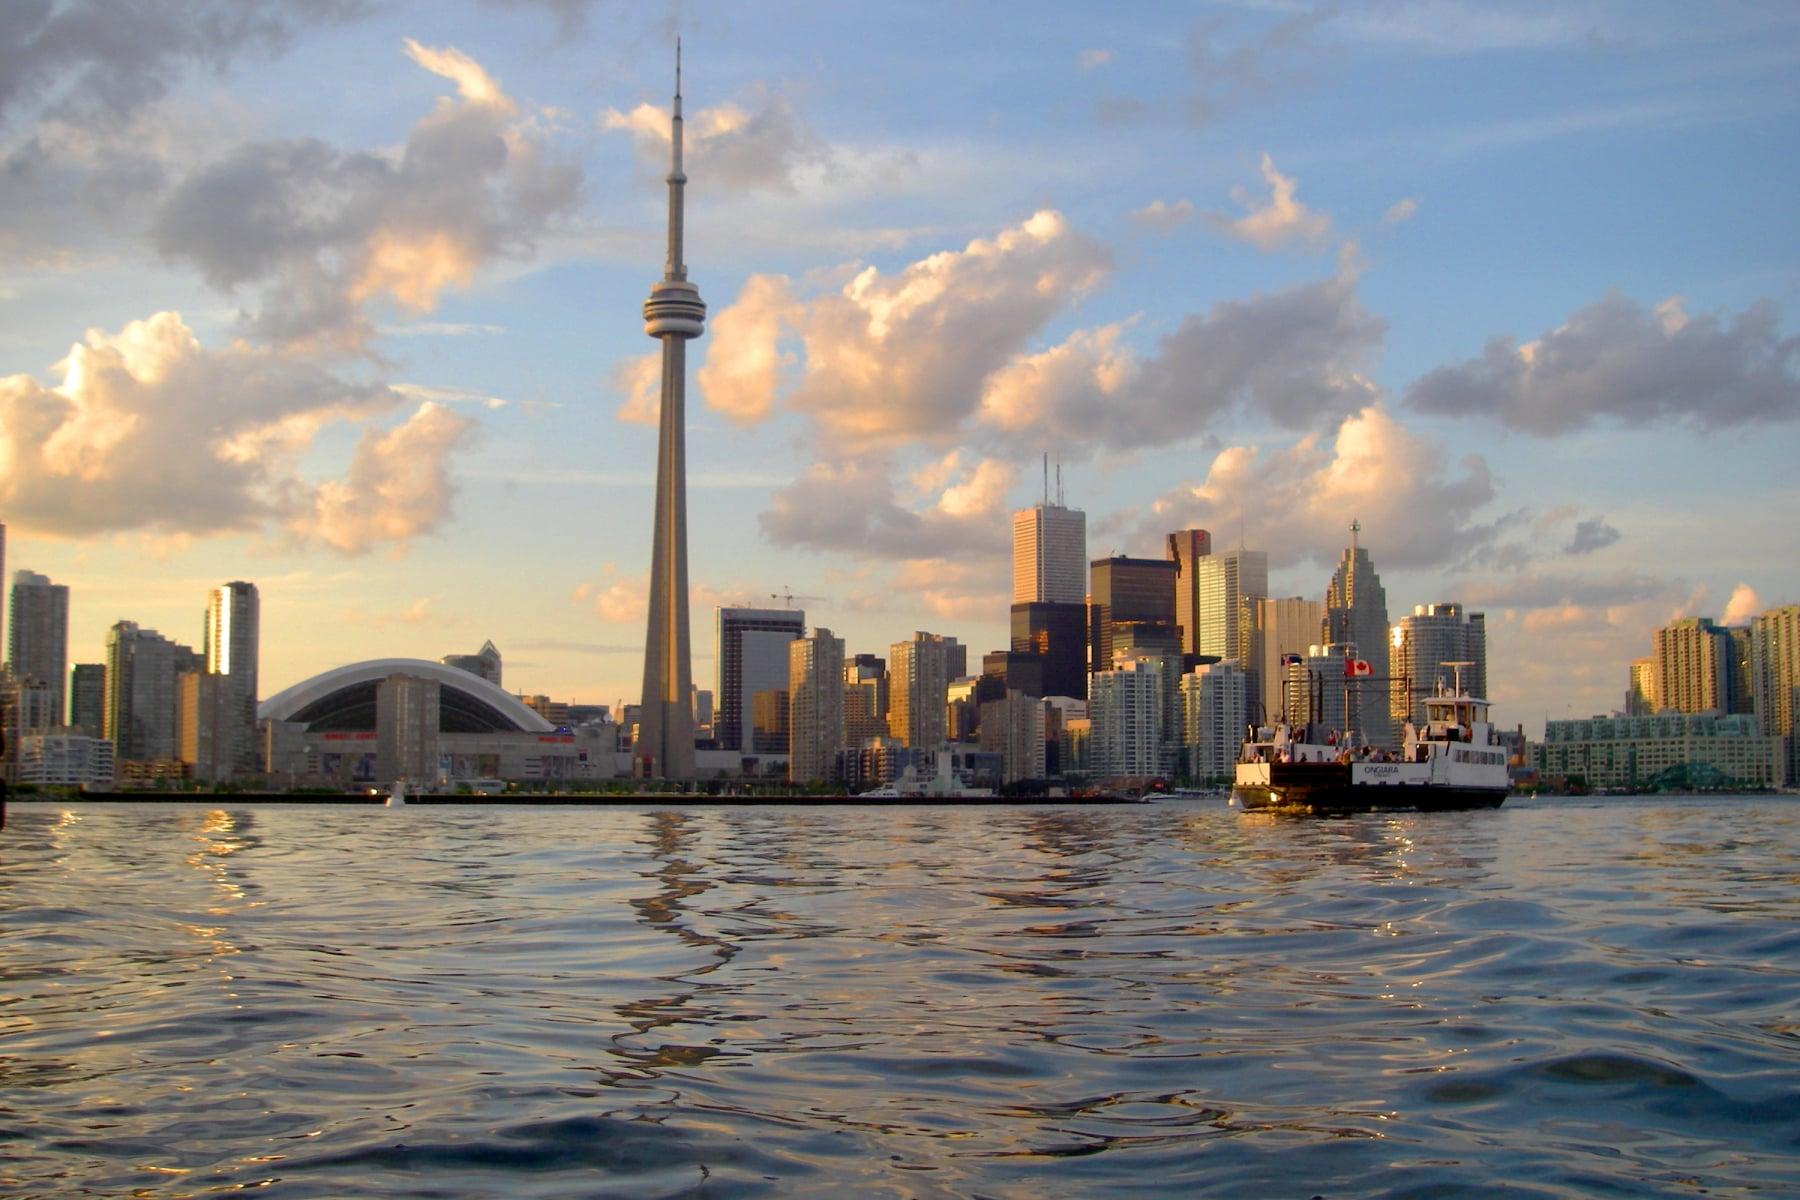 Les infractions santé sécurité les plus citées en 2017 en Ontario